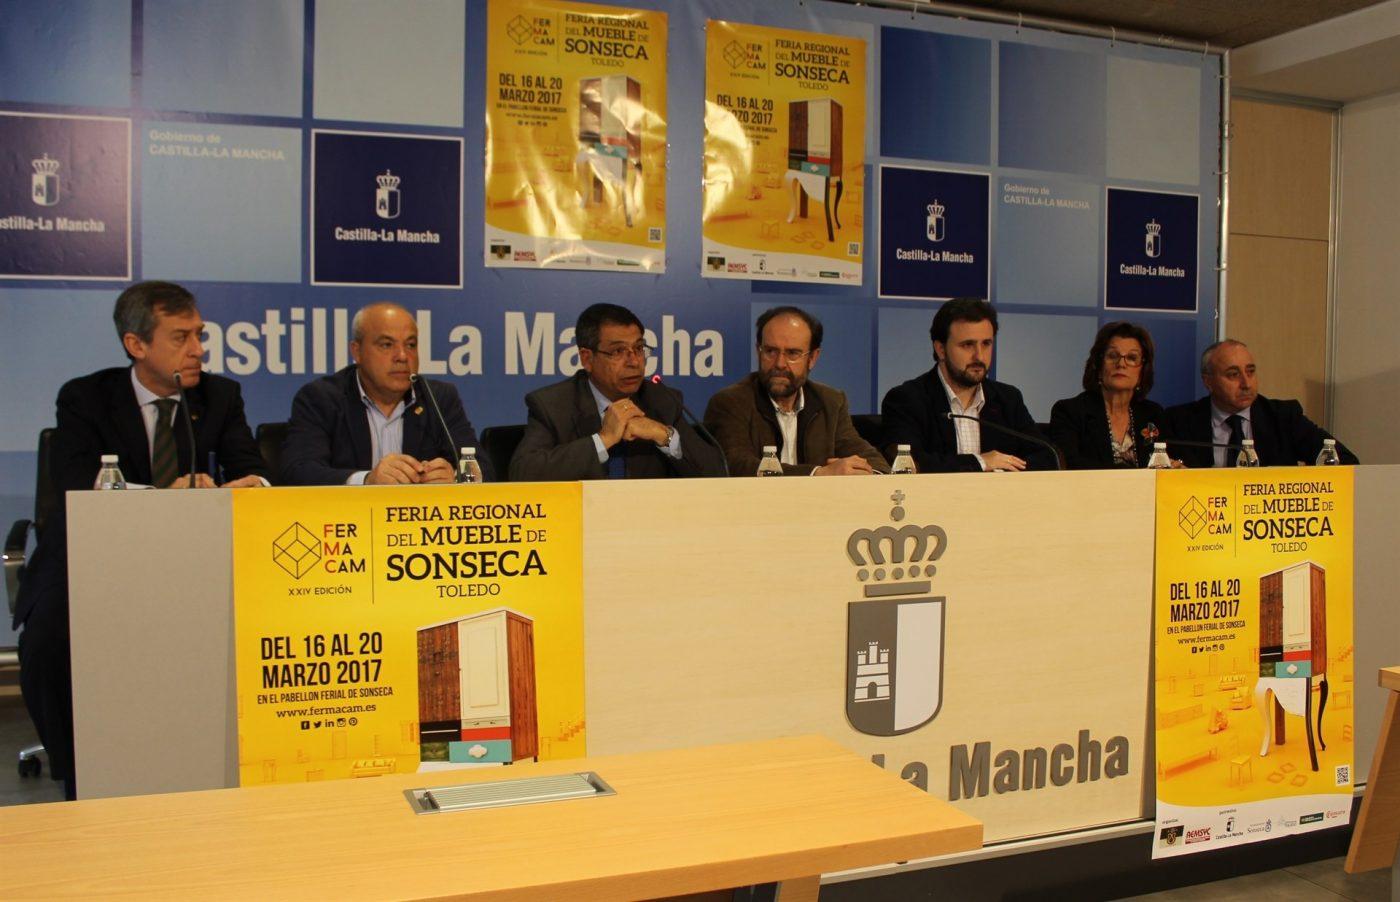 Cuarenta y un expositores participan en la XXIV Feria Regional del Mueble y Afines de Sonseca